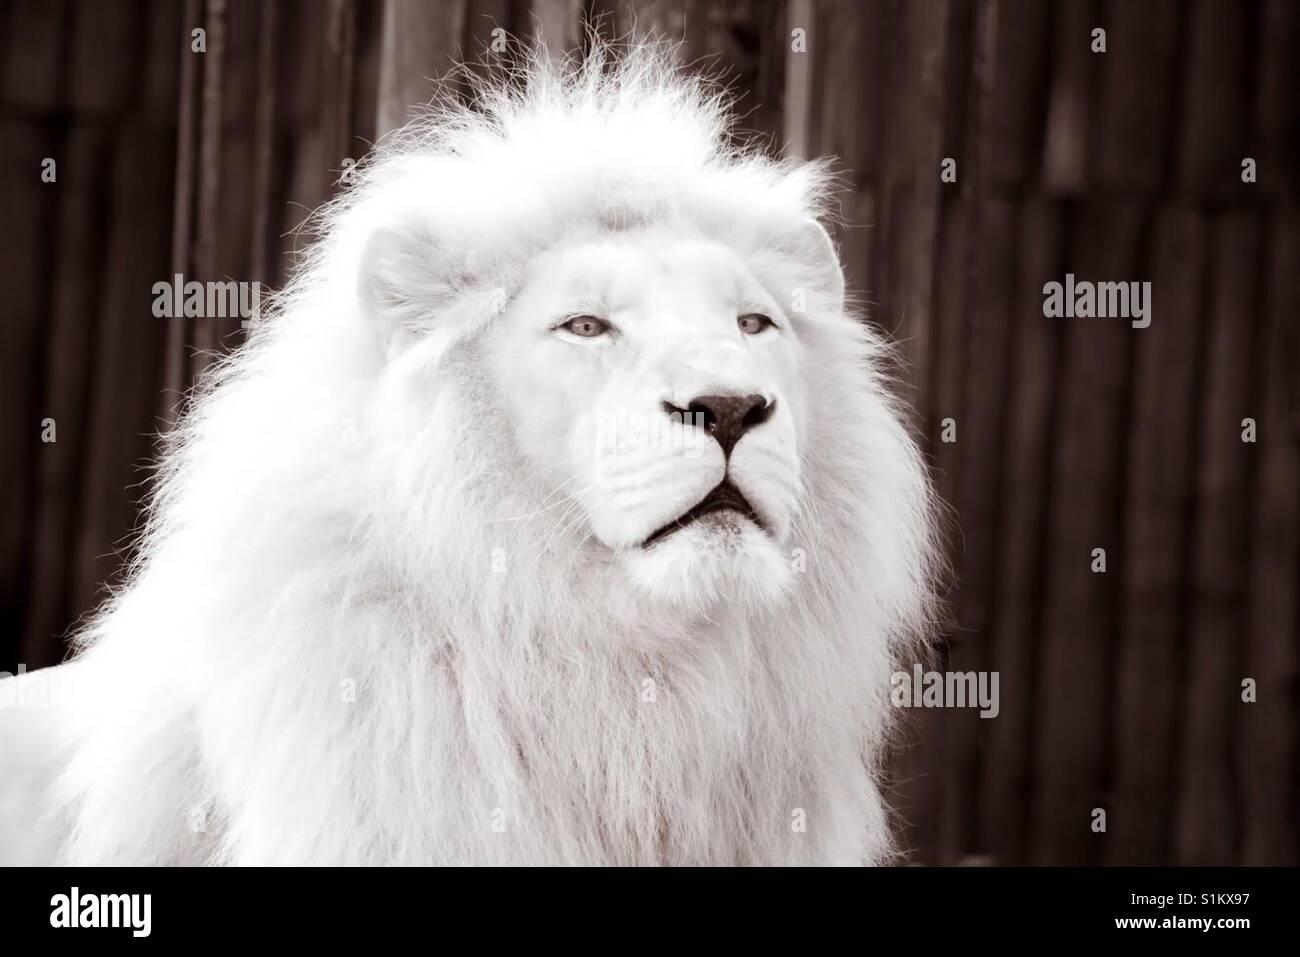 Wunderschön Loewe Zaun Beste Wahl Close-up Farbe Bild Der Schönen Weißen Löwen